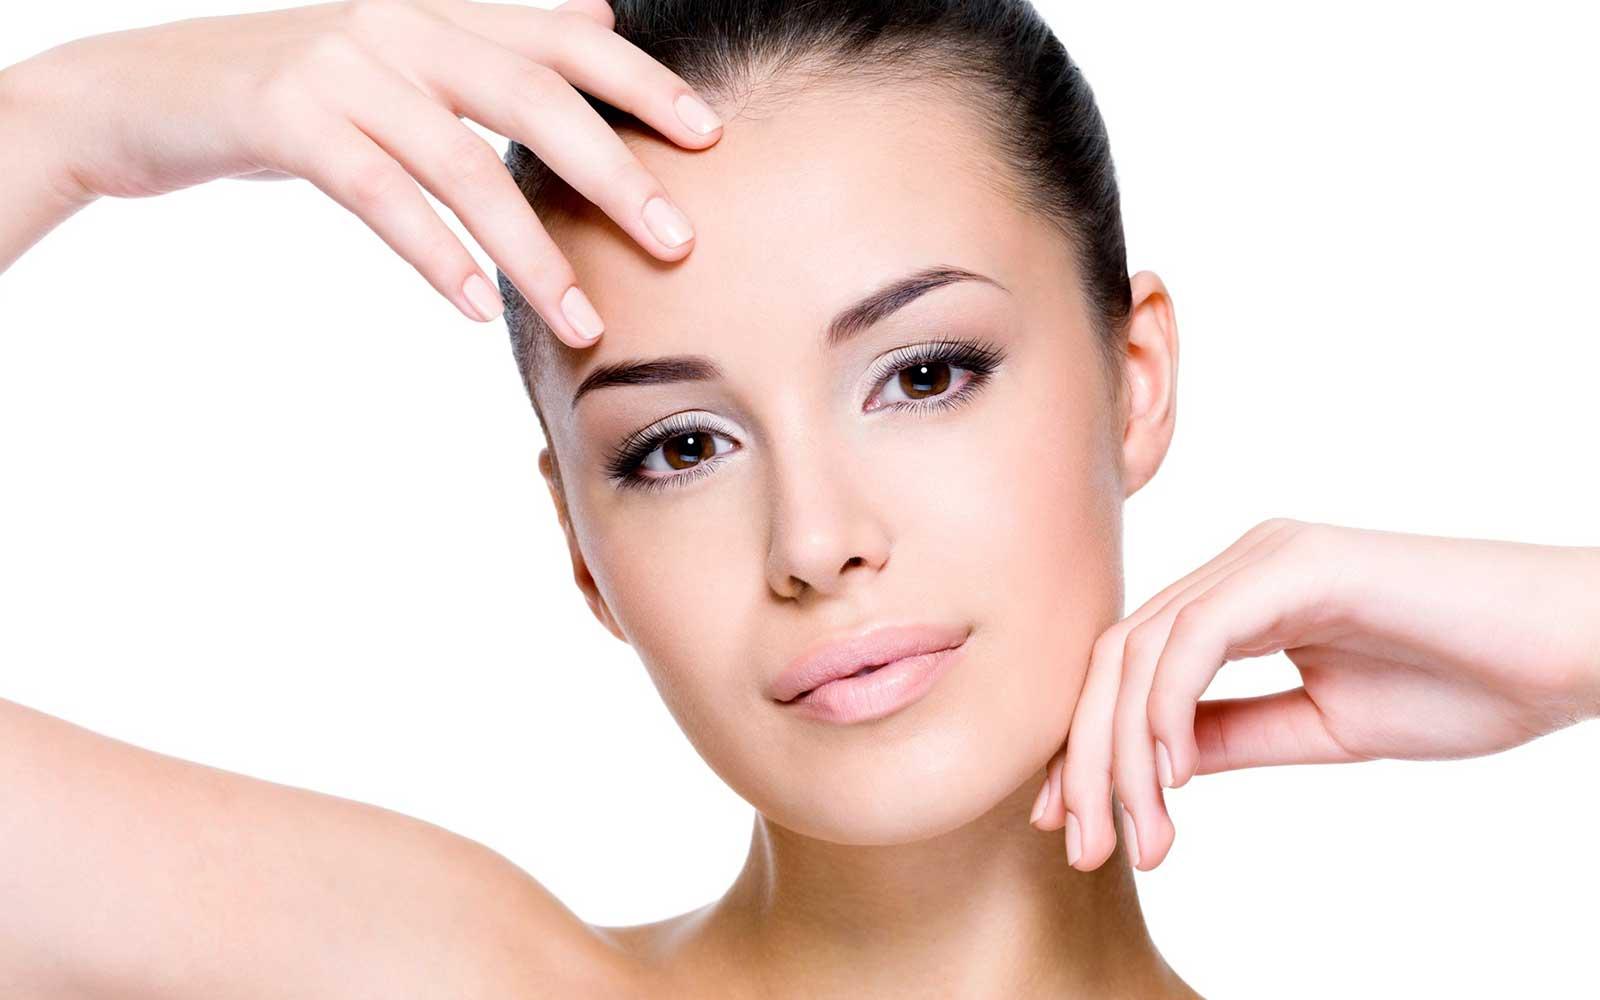 Лазерный пилинг: обработка кожи вокруг губ и глаз